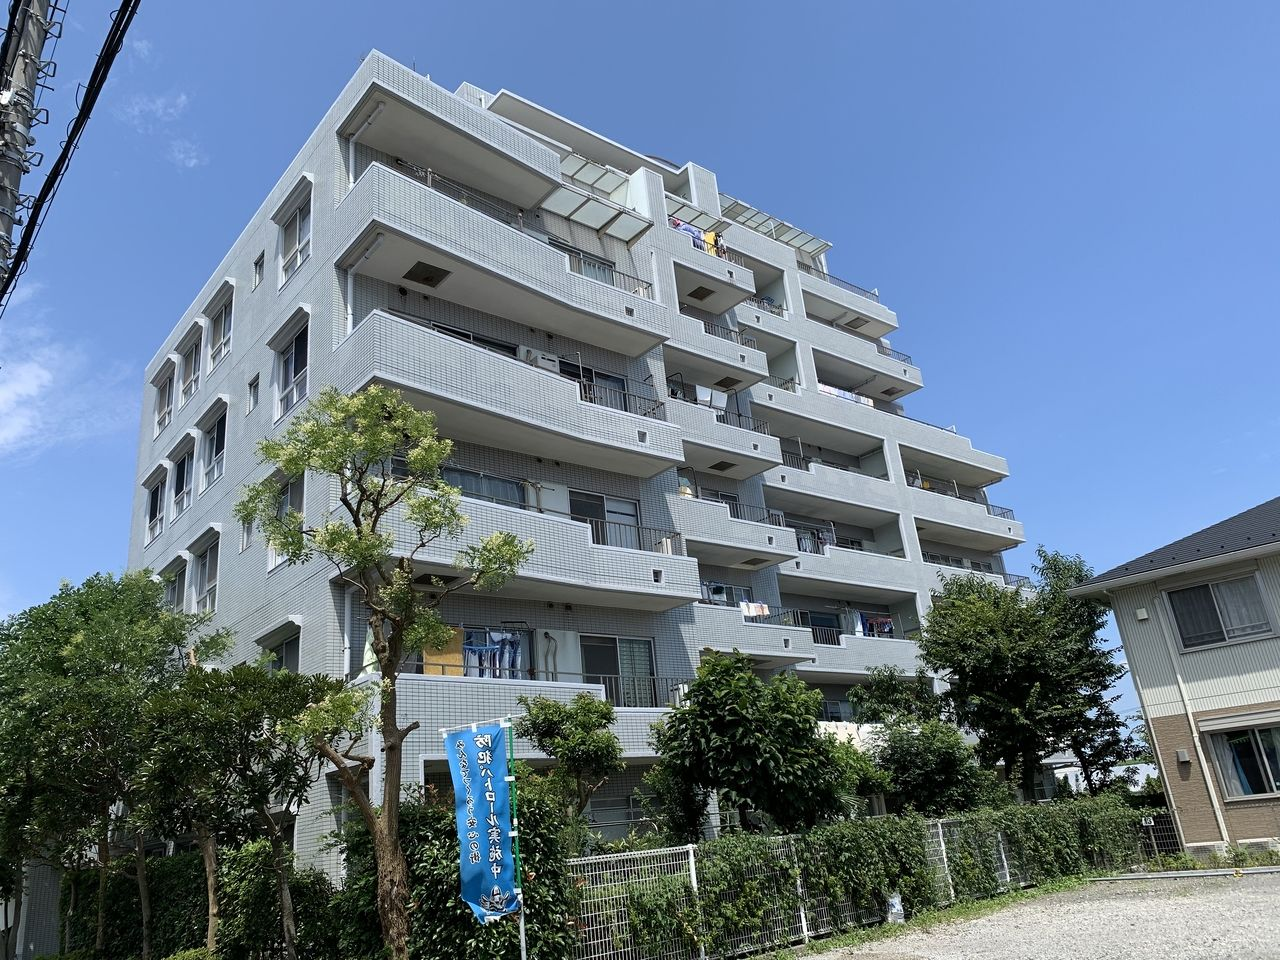 平成1年11月建築のマンション